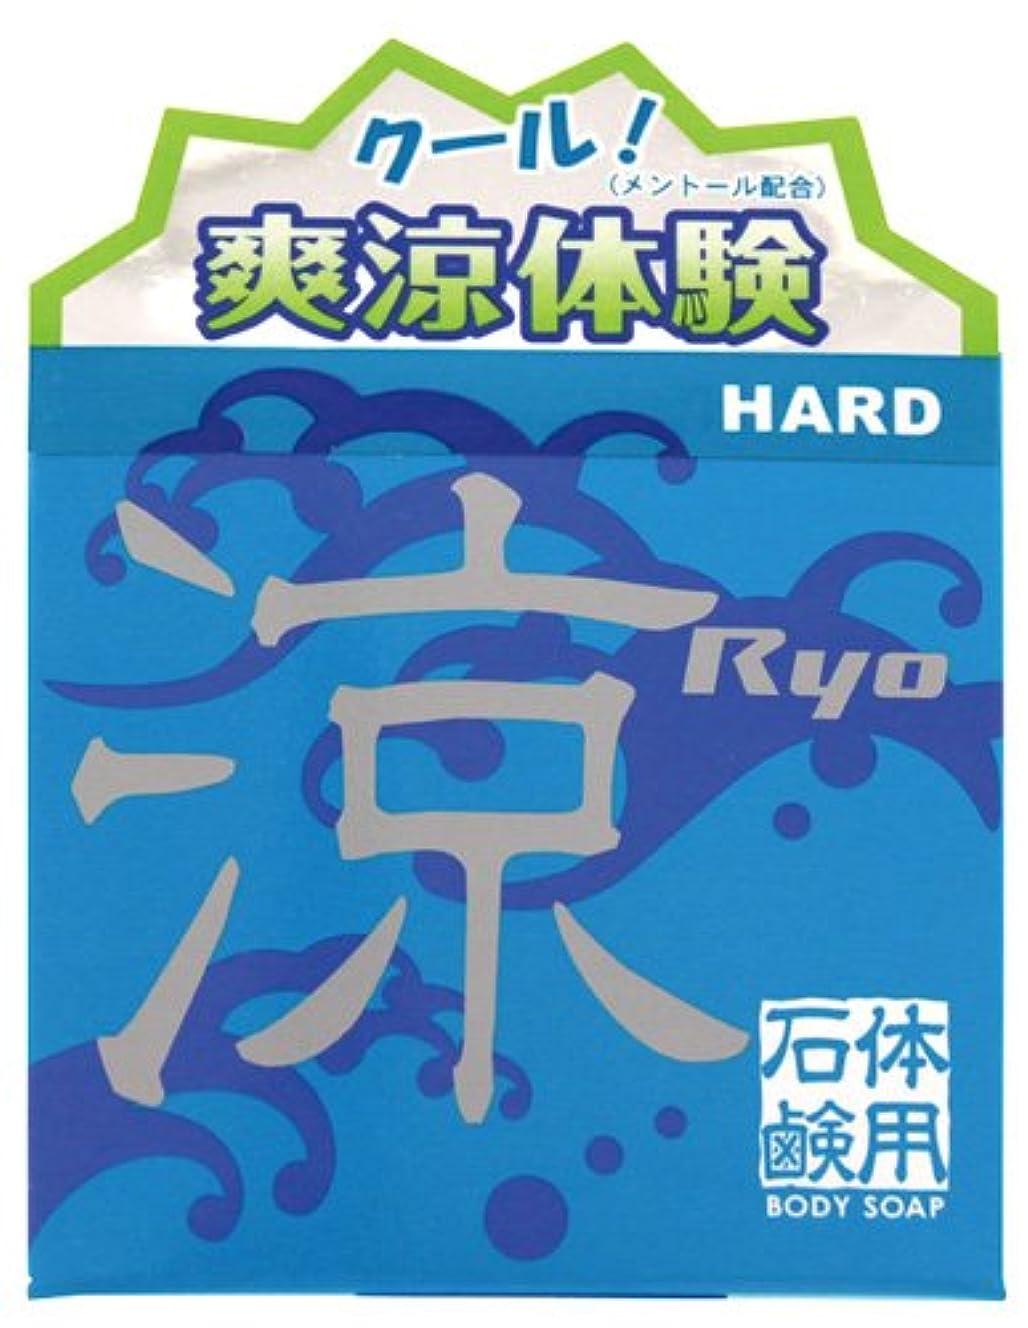 維持する検閲変形涼ハード石鹸 100g